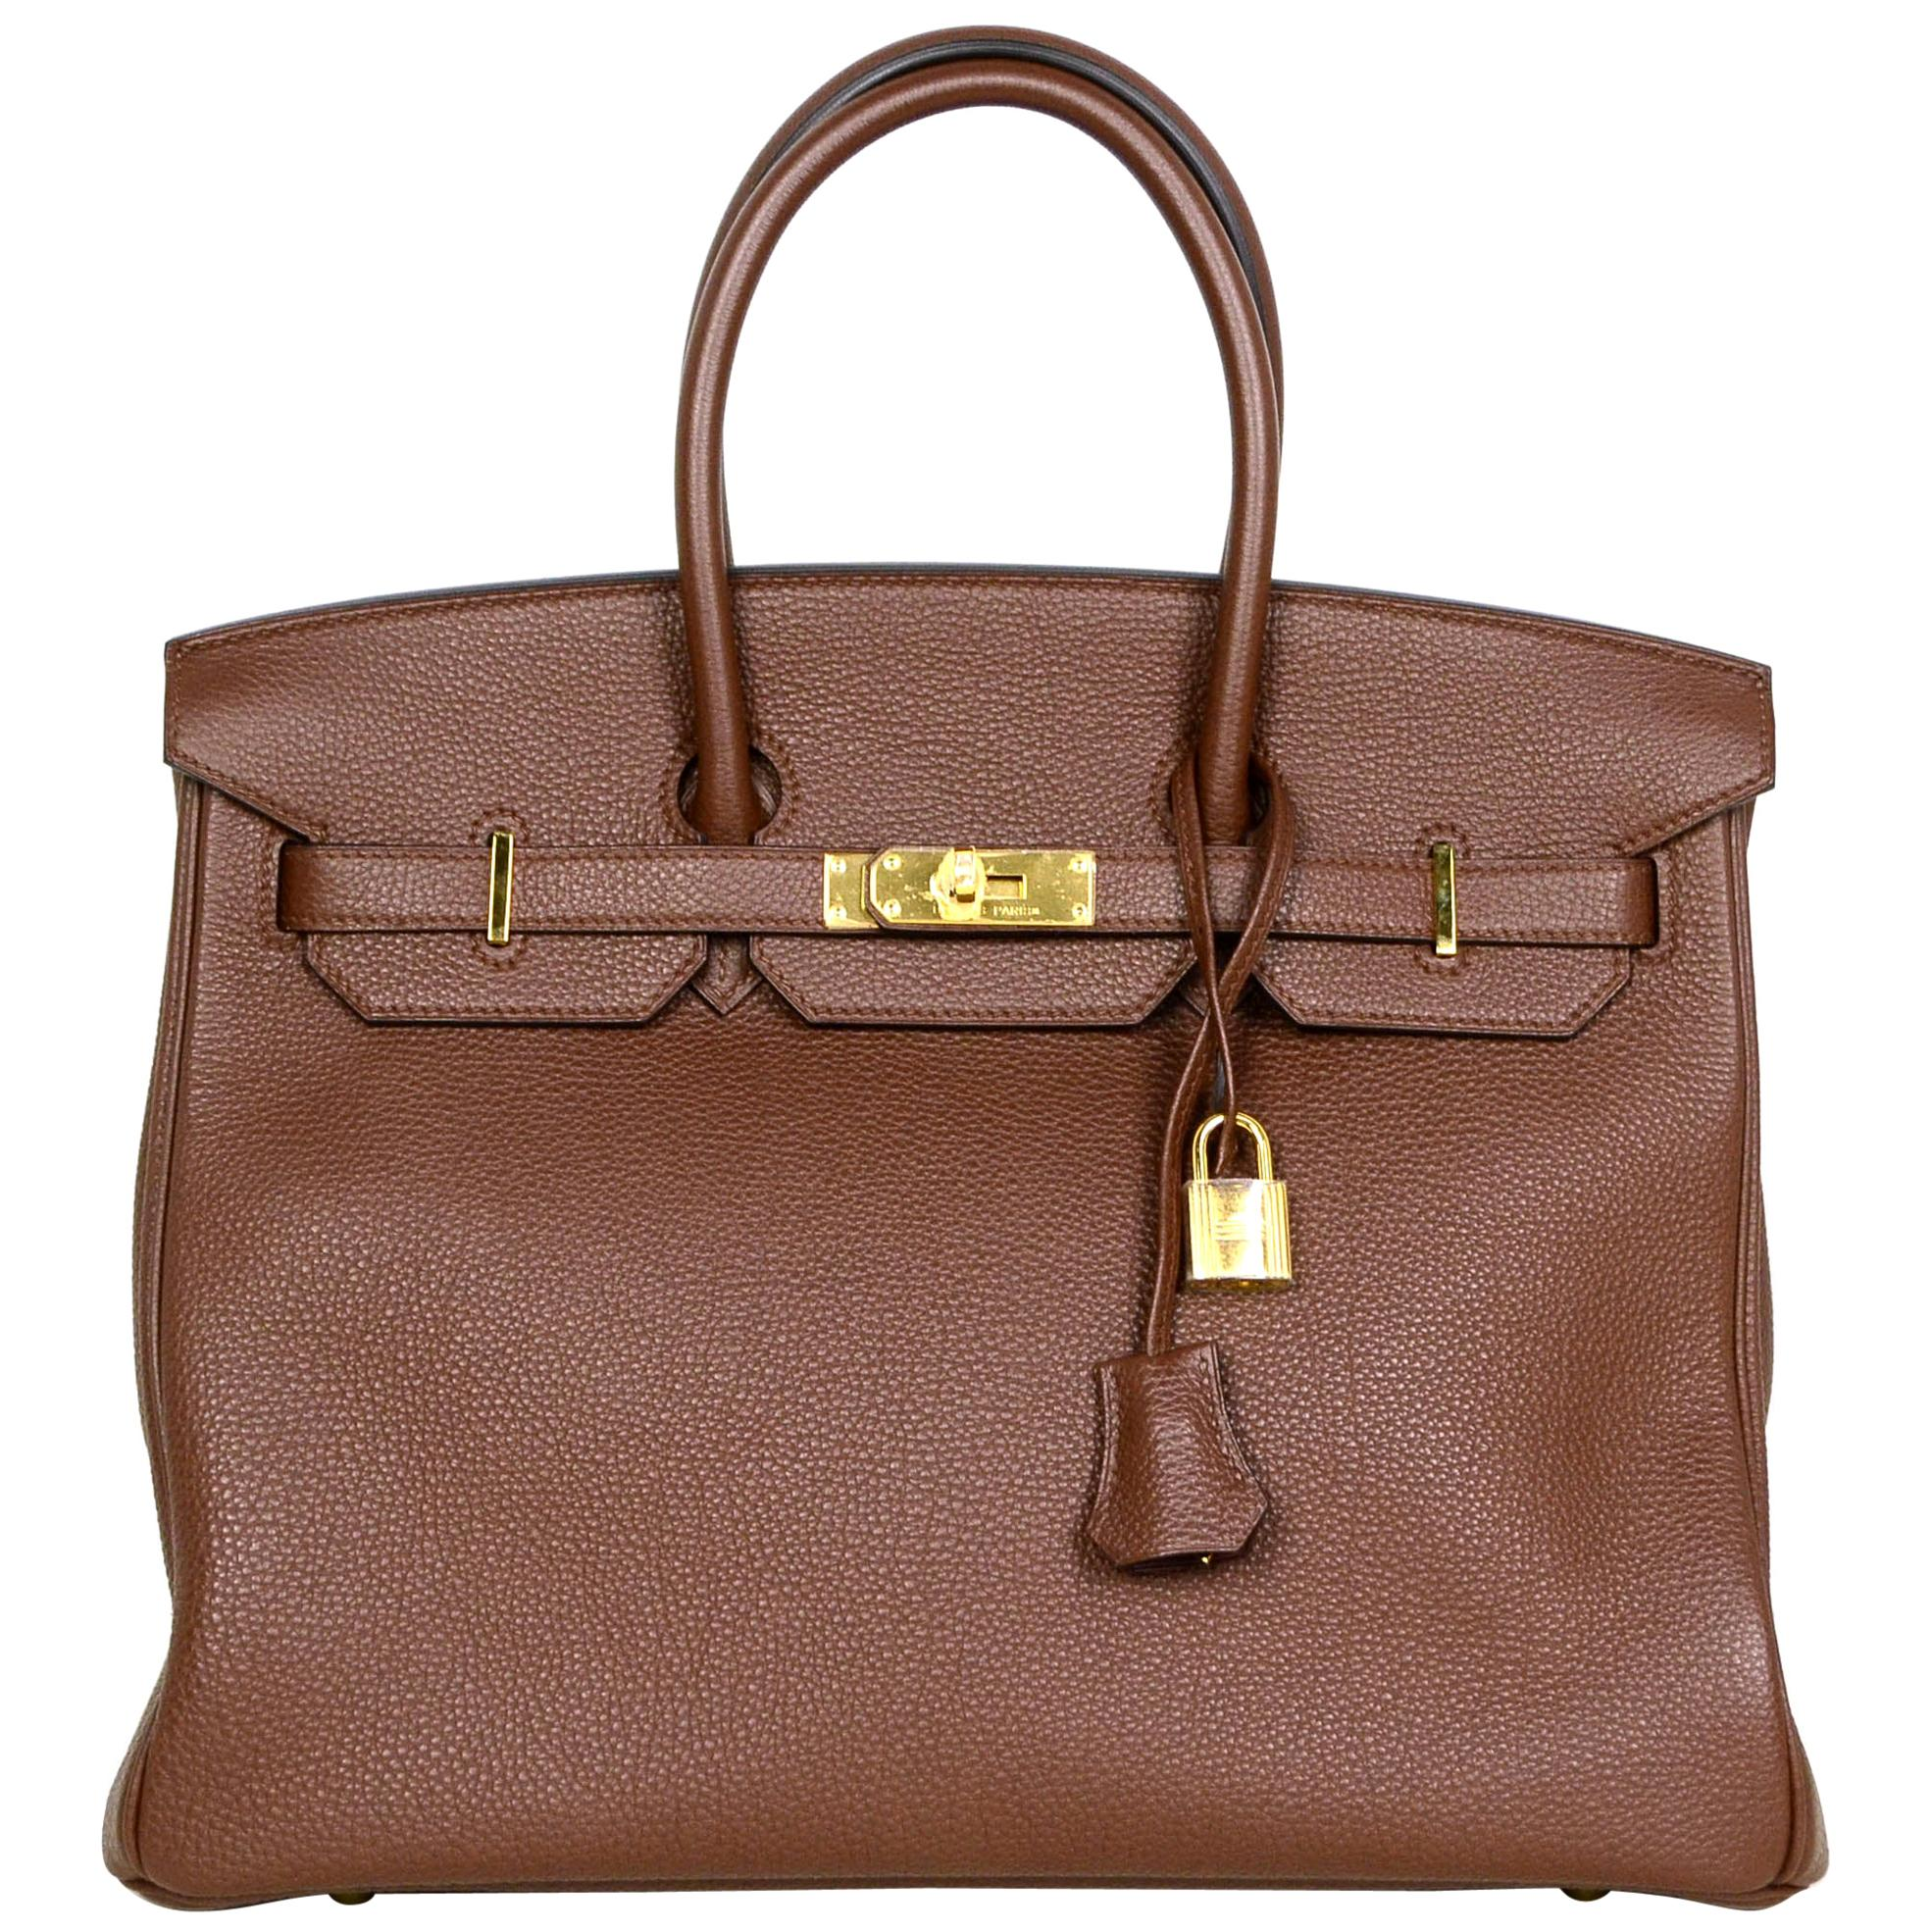 Hermes Brown Togo Leather 35cm Birkin Bag w/ Gold Hardware